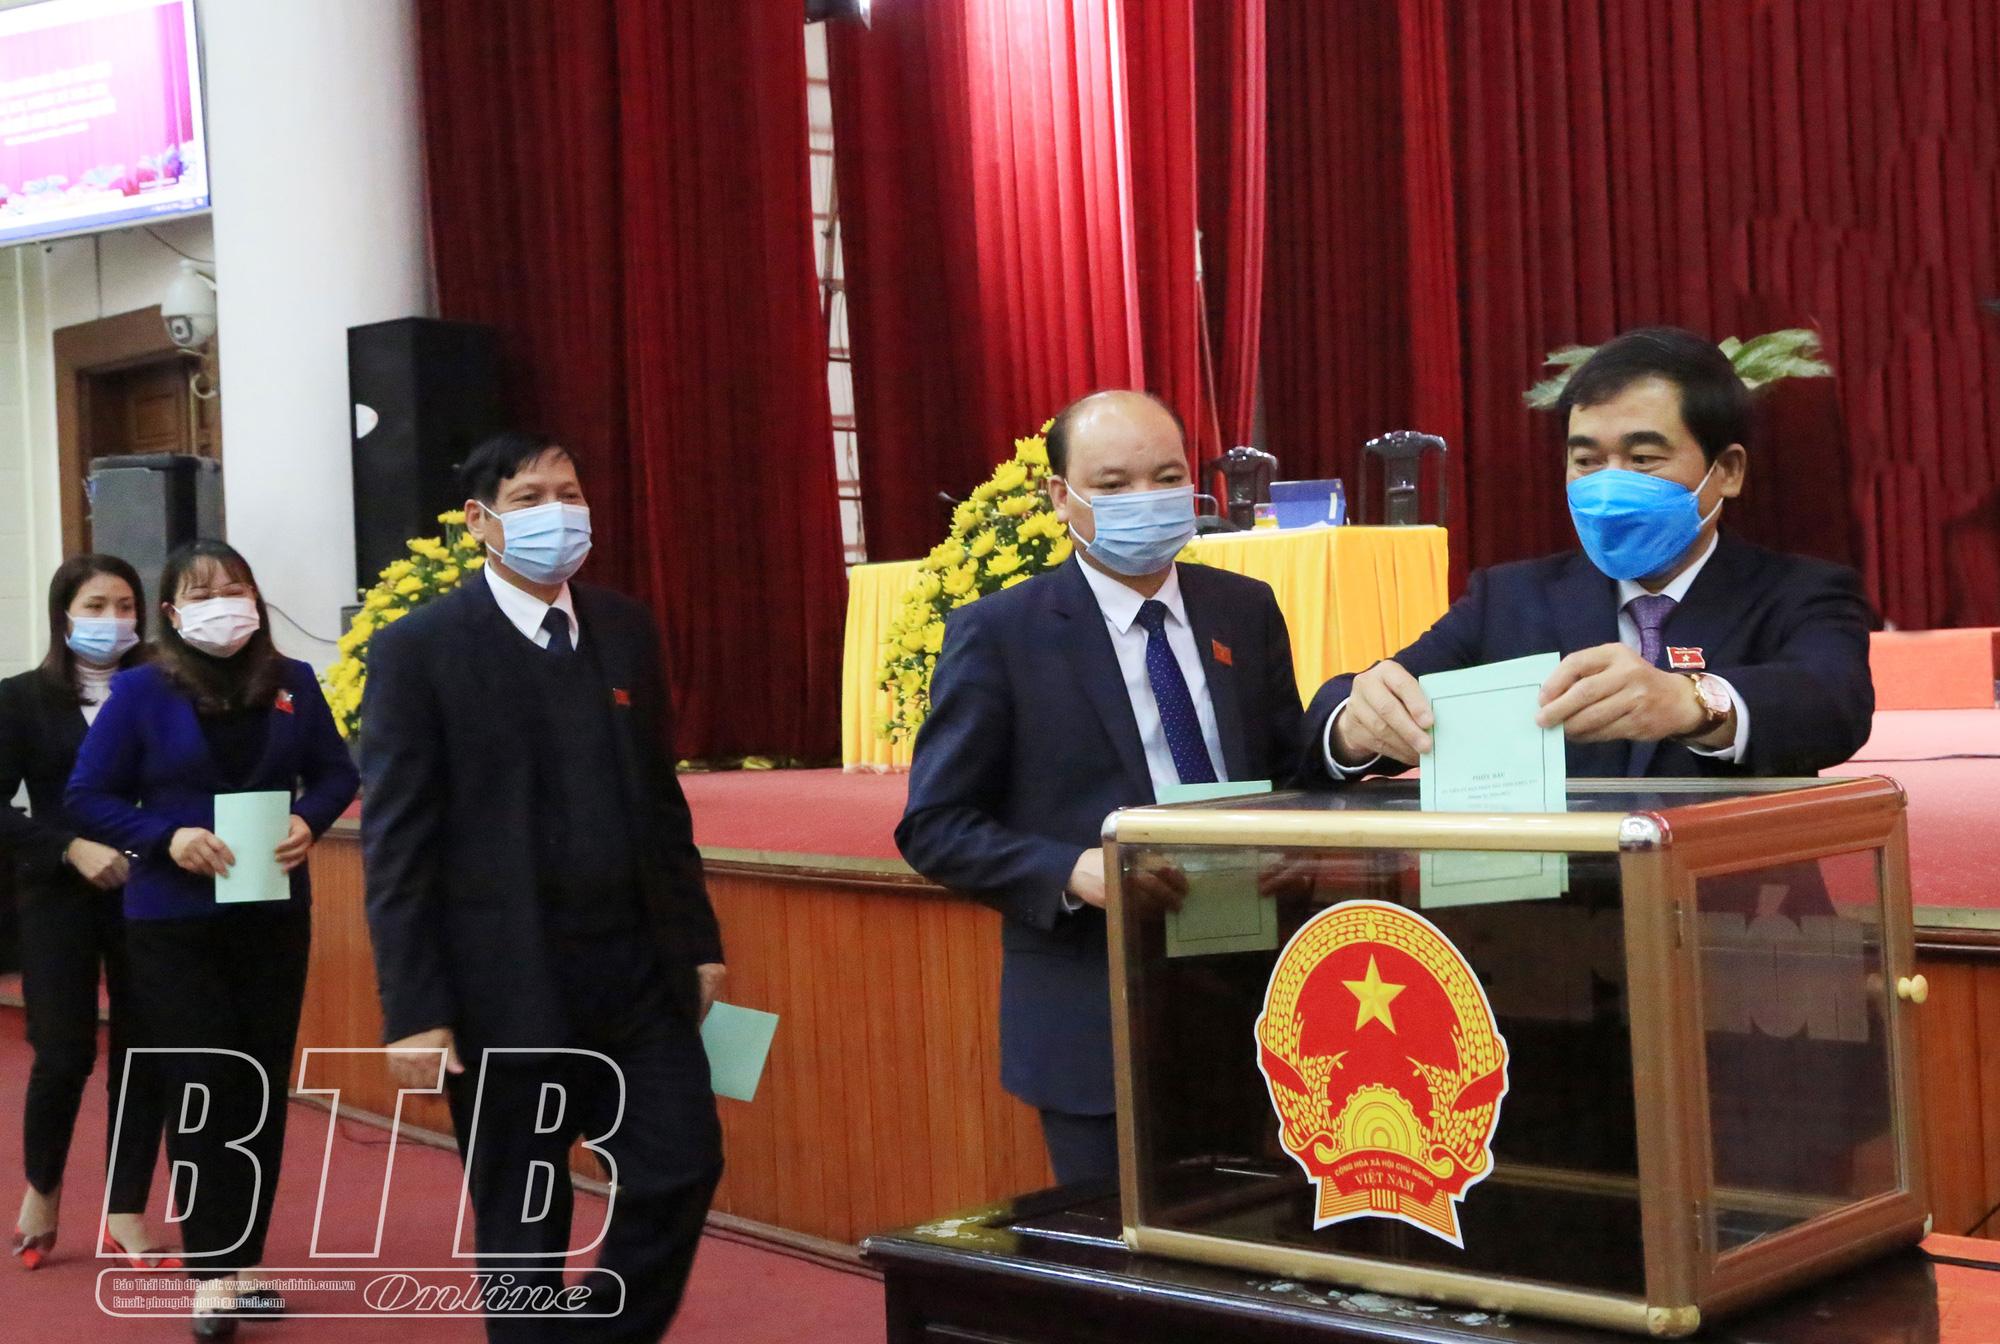 Thái Bình miễn nhiệm Trưởng ban Kinh tế - Ngân sách Hội đồng nhân dân - Ảnh 1.